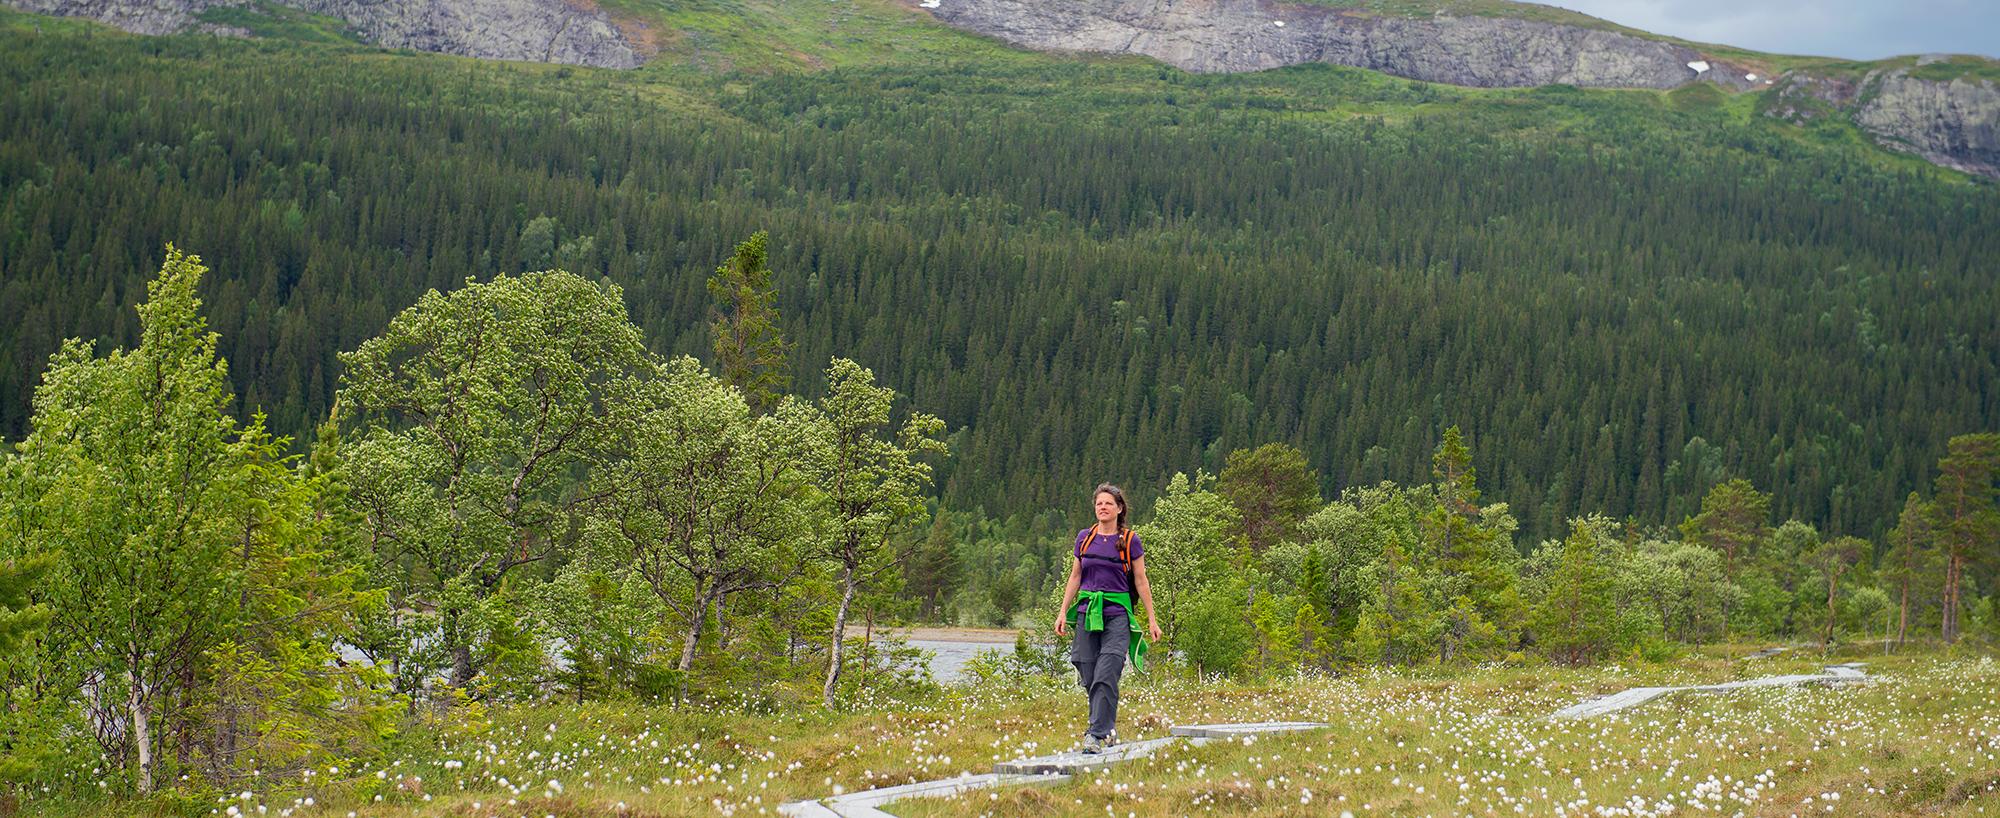 Fäbodrundturen Vid Bottenvallen Och Längs Ottsjön är En Fjällupplevelse I Världsklassi Södra Årefjällen.